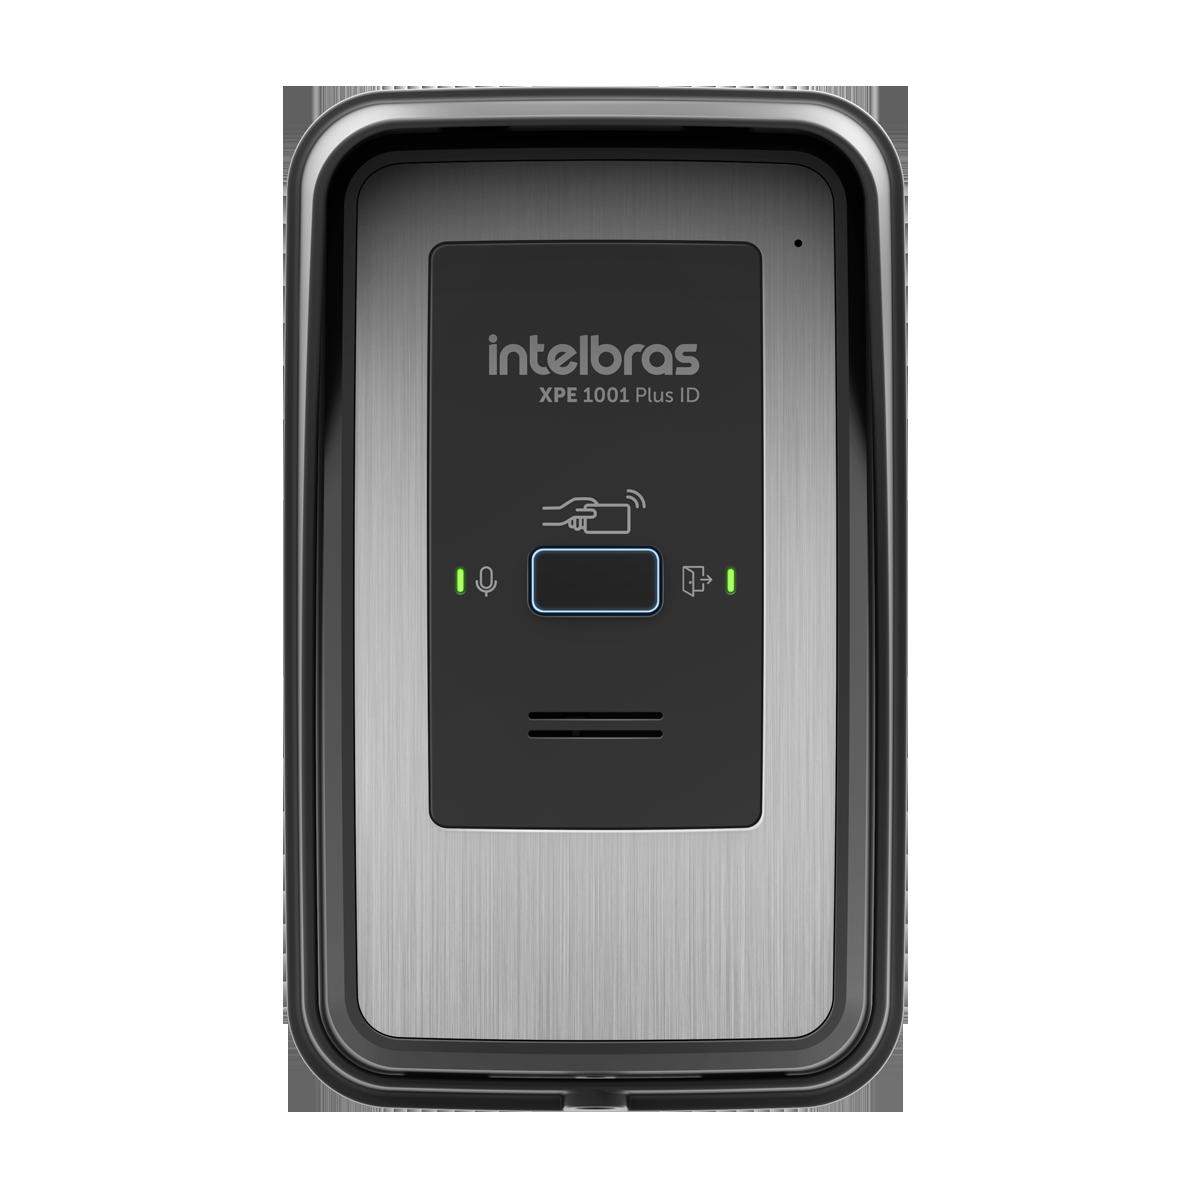 Porteiro eletrônico terminal dedicado de tecla única com função RFID intelbras XPE 1001 PLUS ID - JS Soluções em Segurança